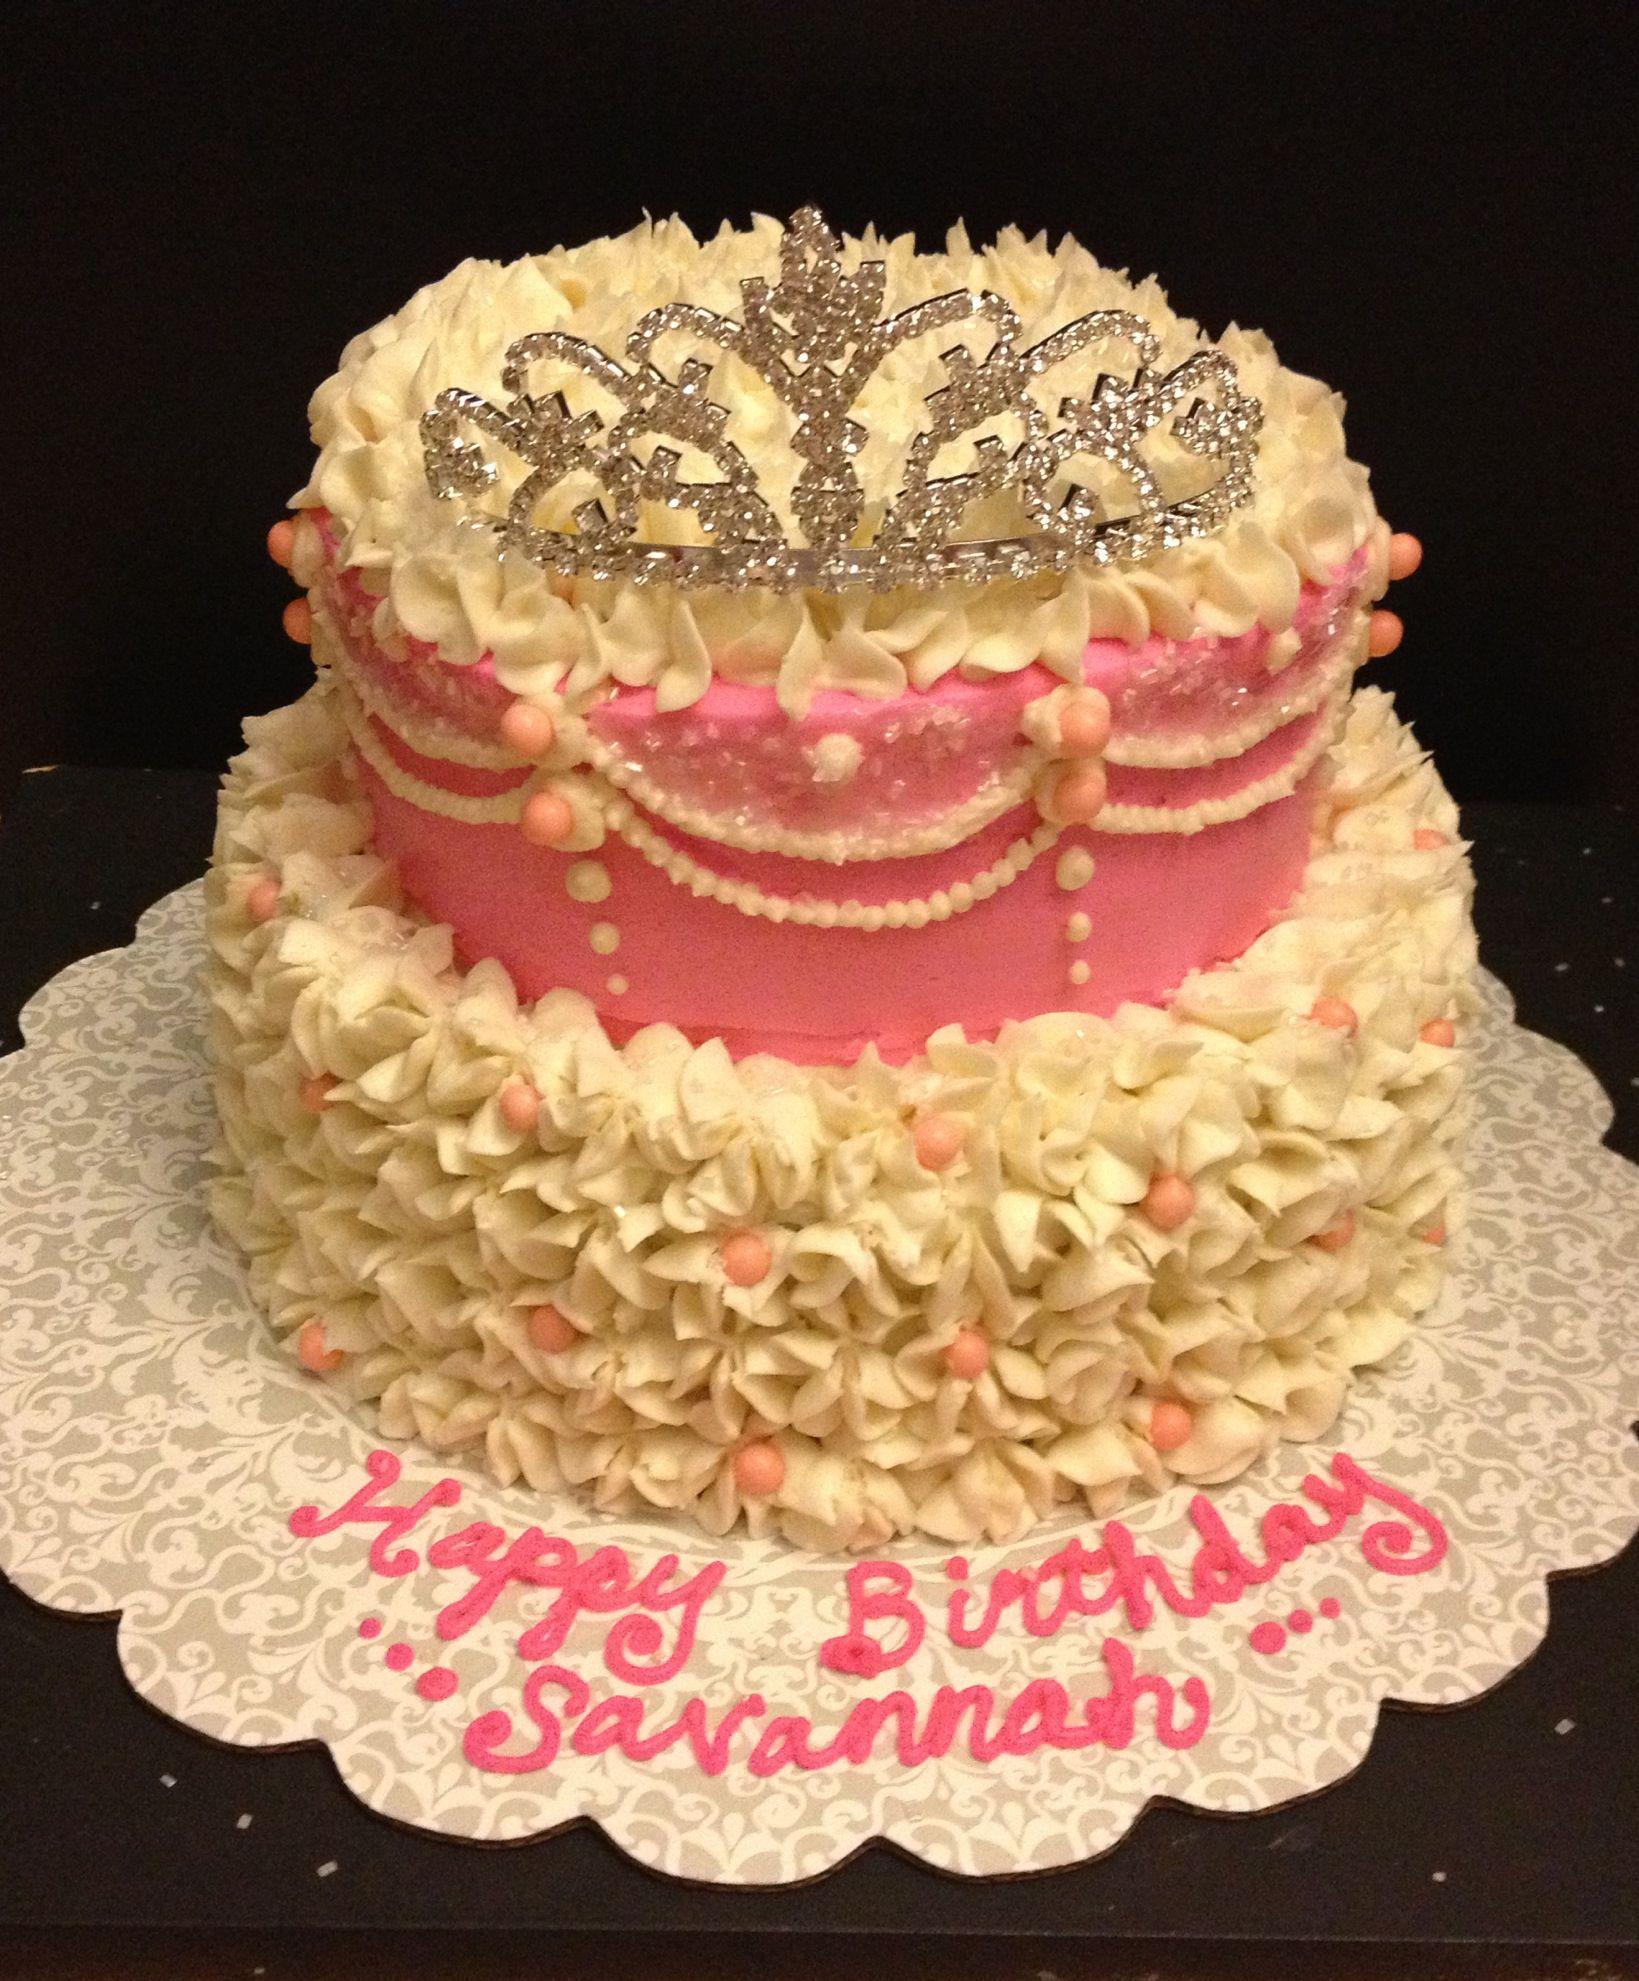 Princess Tiara Themed Birthday Cake